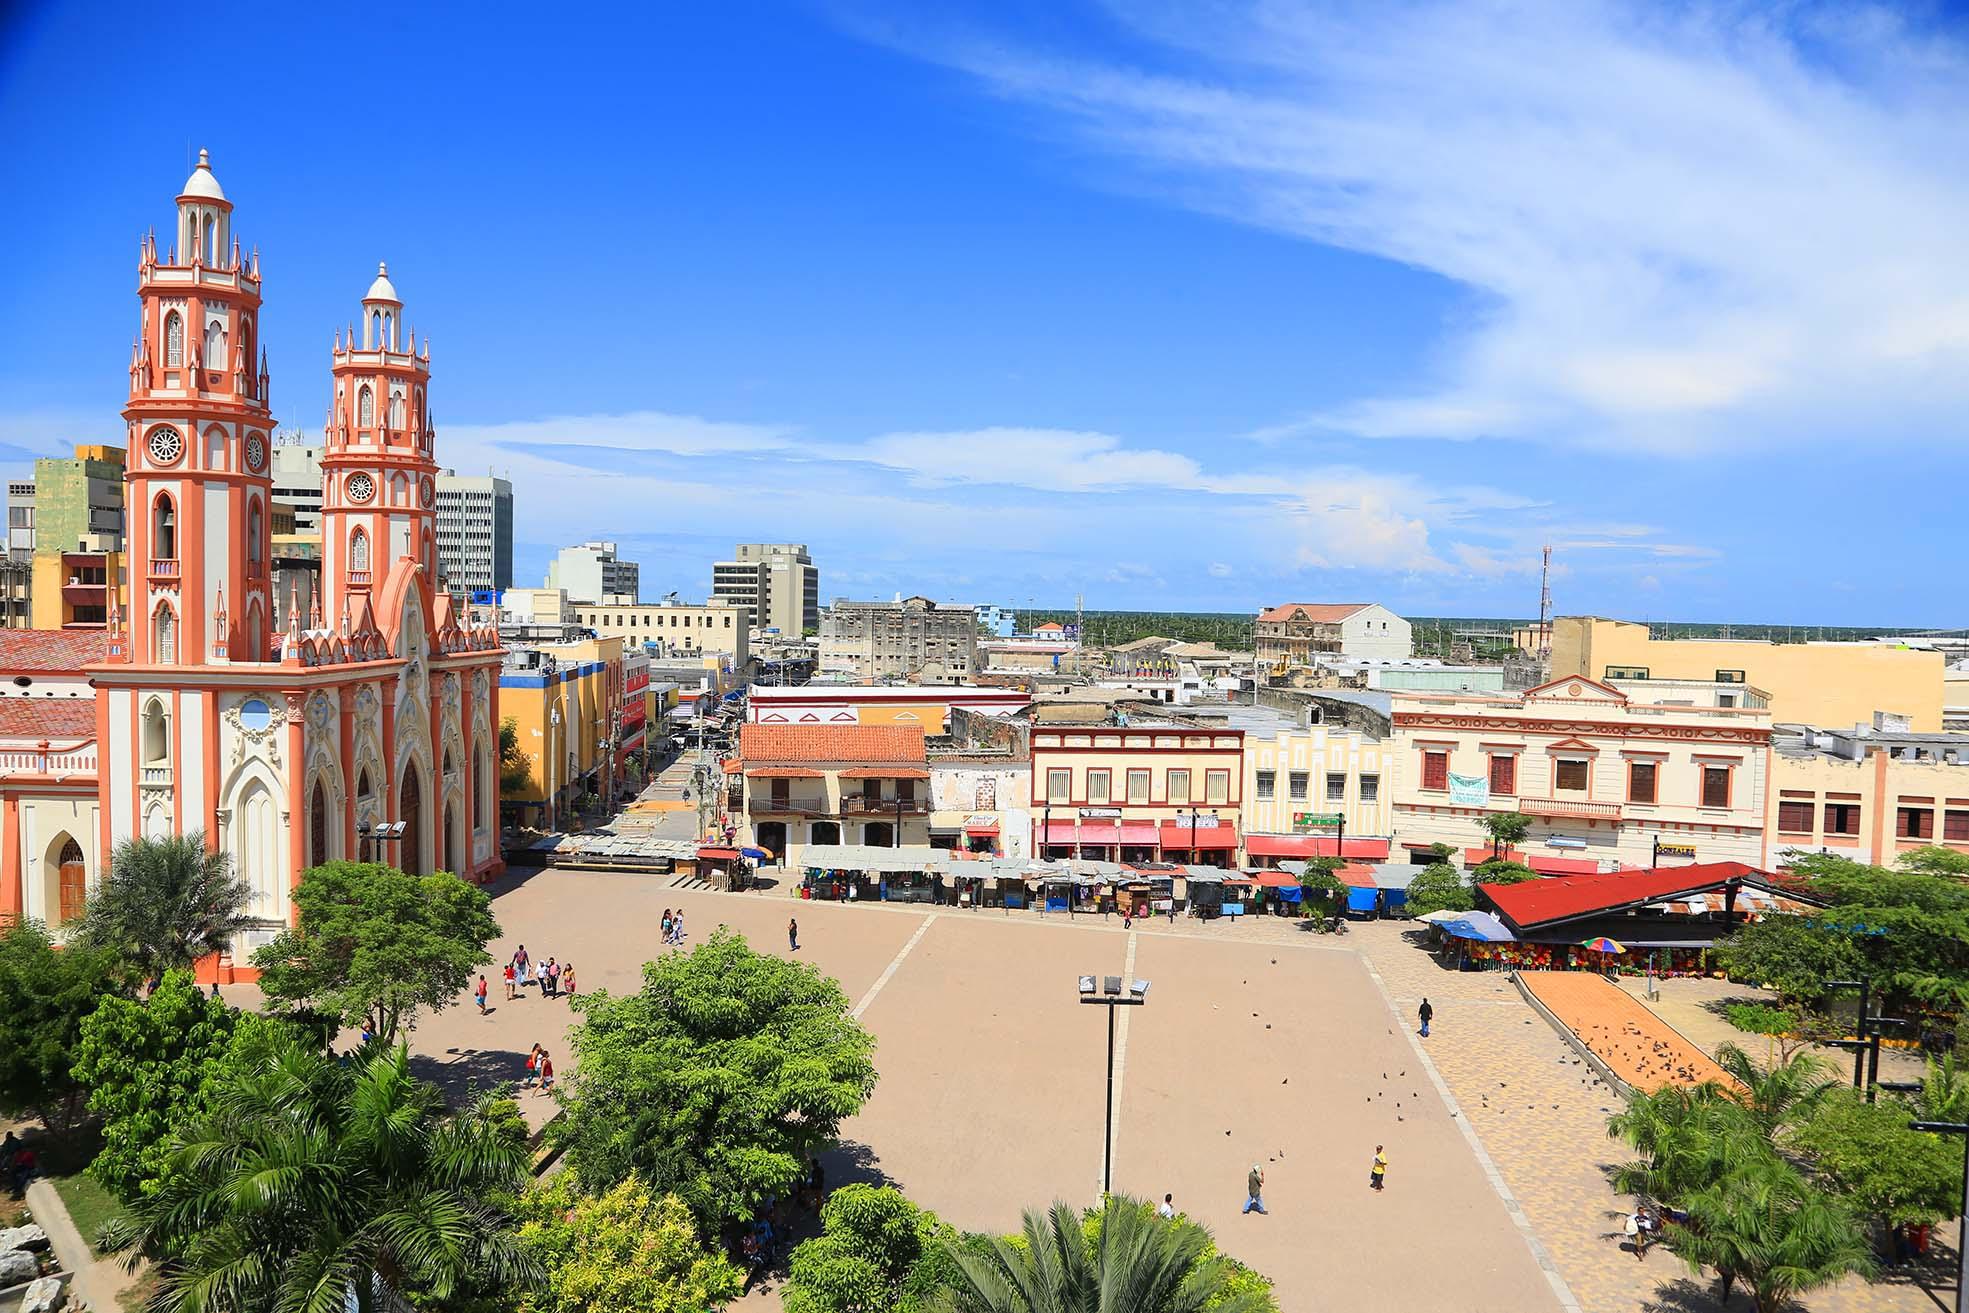 Plaza San Nicolás de Tolentino